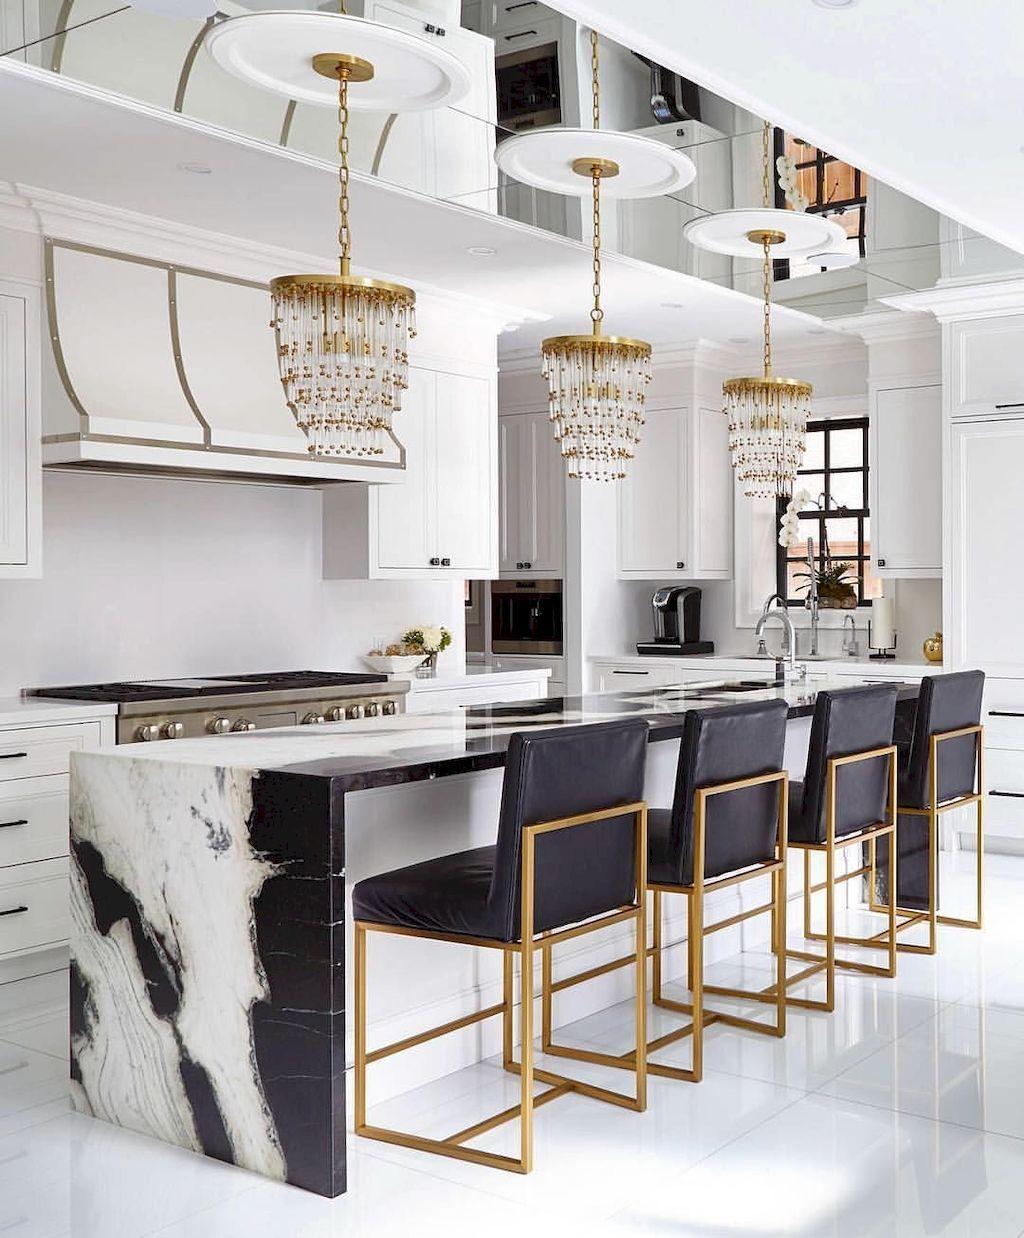 30 Modern Kitchen Design Ideas: 30+ Awesome Luxury Kitchen Design Ideas